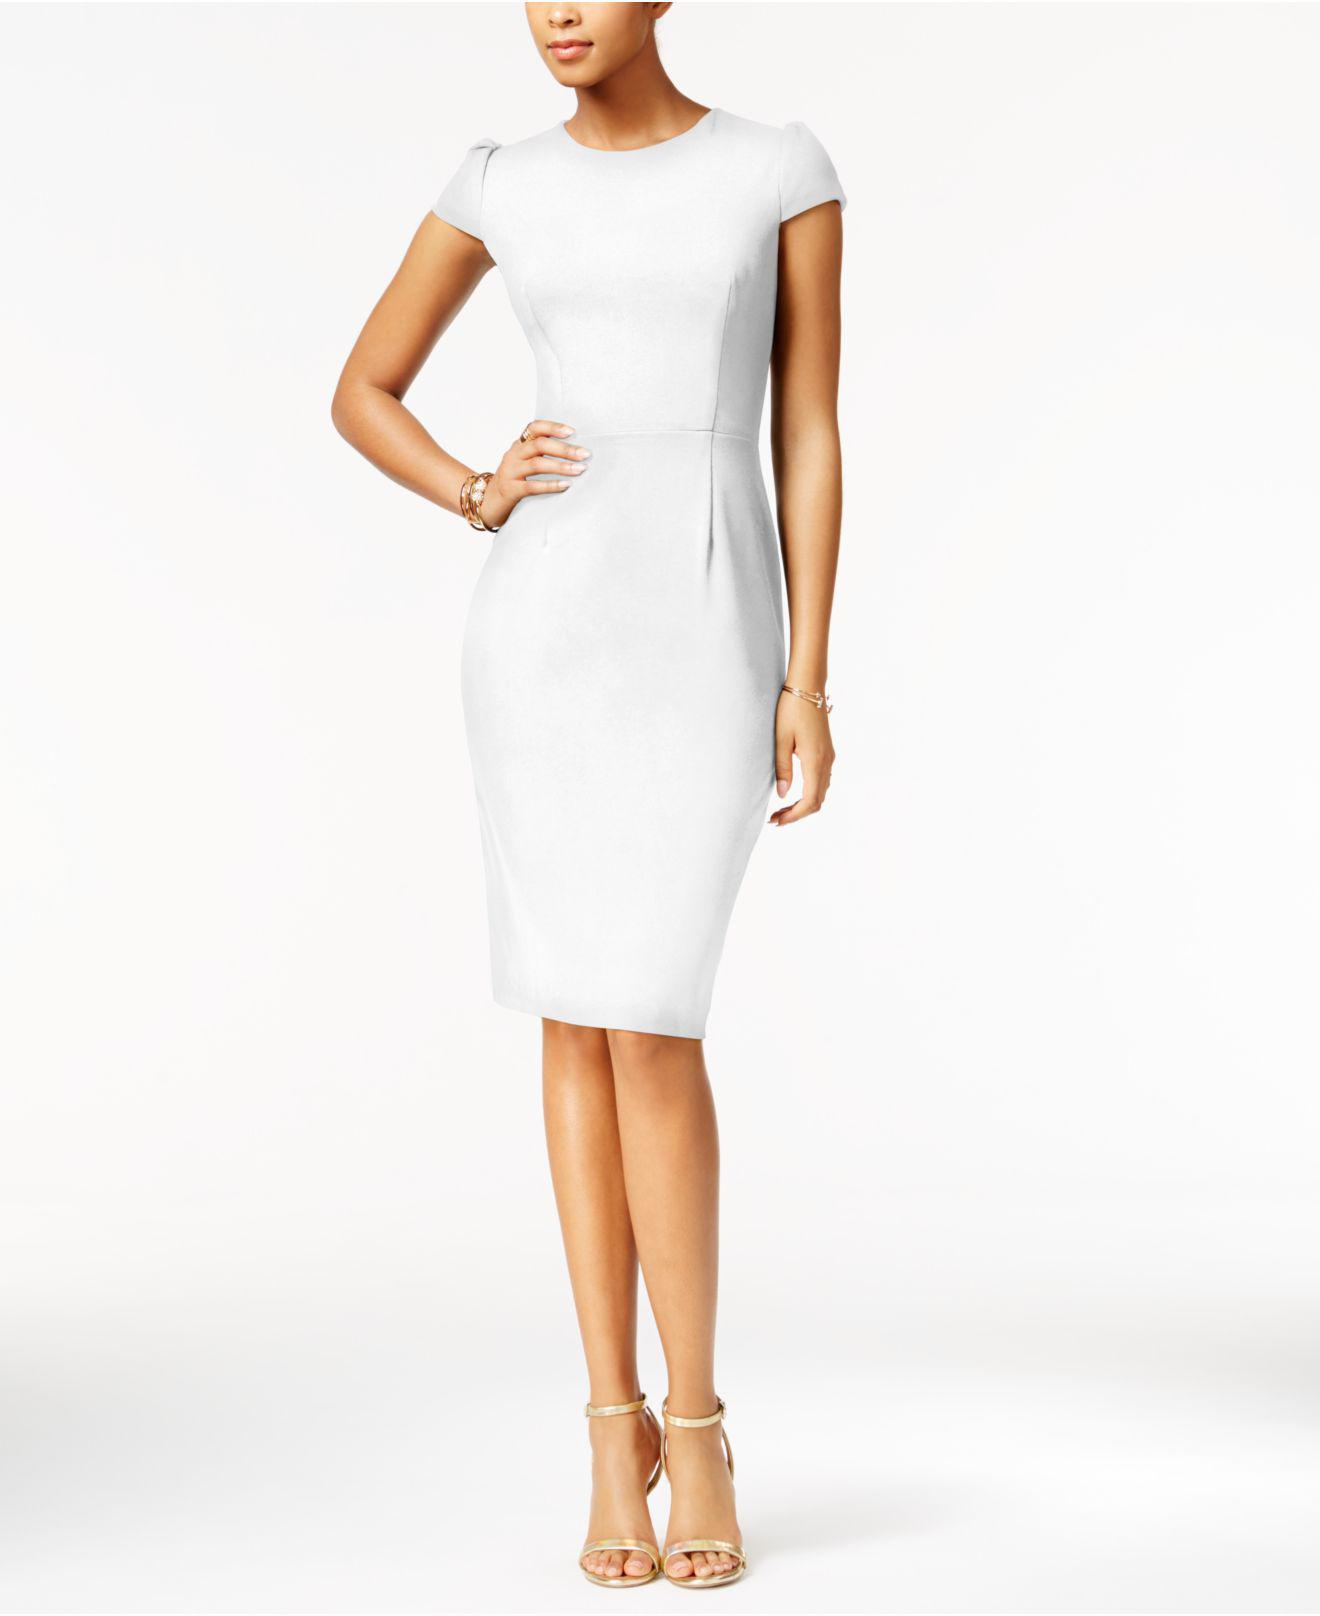 729f9476fc Macys White Party Dress - Gomes Weine AG